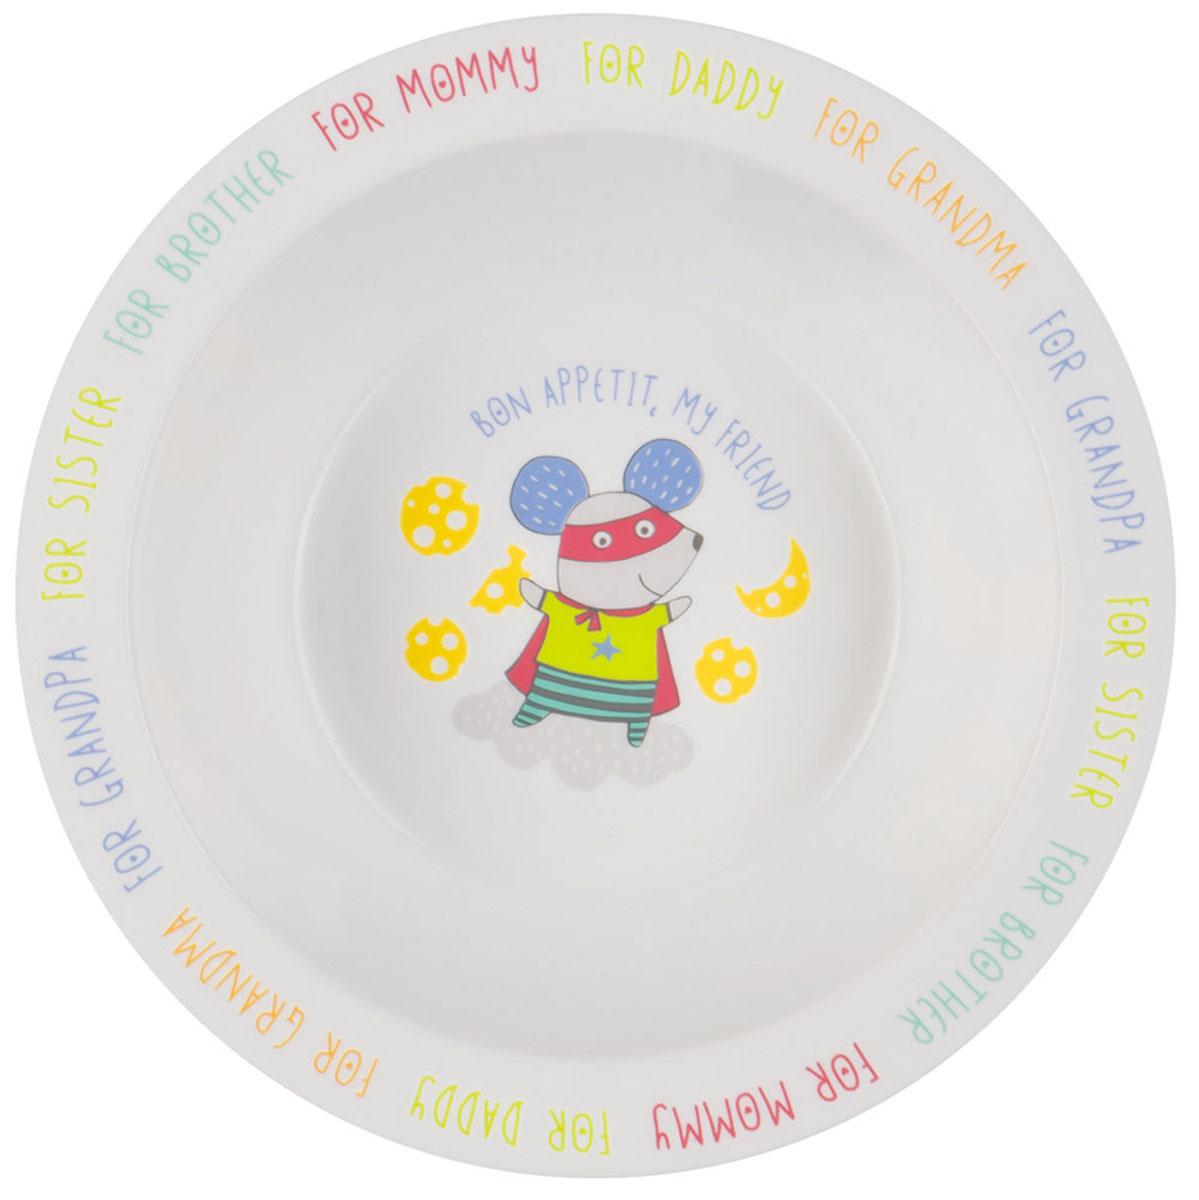 Happy Baby Тарелка детская Мышка54 009312Тарелка детская Happy Baby Мышка изготовлена из безопасного материала.Тарелочка, оформленная веселой картинкой, понравится и малышу, и родителям! Ребенок будет с удовольствием учиться кушать самостоятельно. Тарелочка подходит для горячей и холодной пищи.Яркий дизайн тарелки превращает процесс кормления в увлекательную игру.Можно использовать в СВЧ-печи и мыть в посудомоечной машине.Подходит для детей от 6 месяцев.